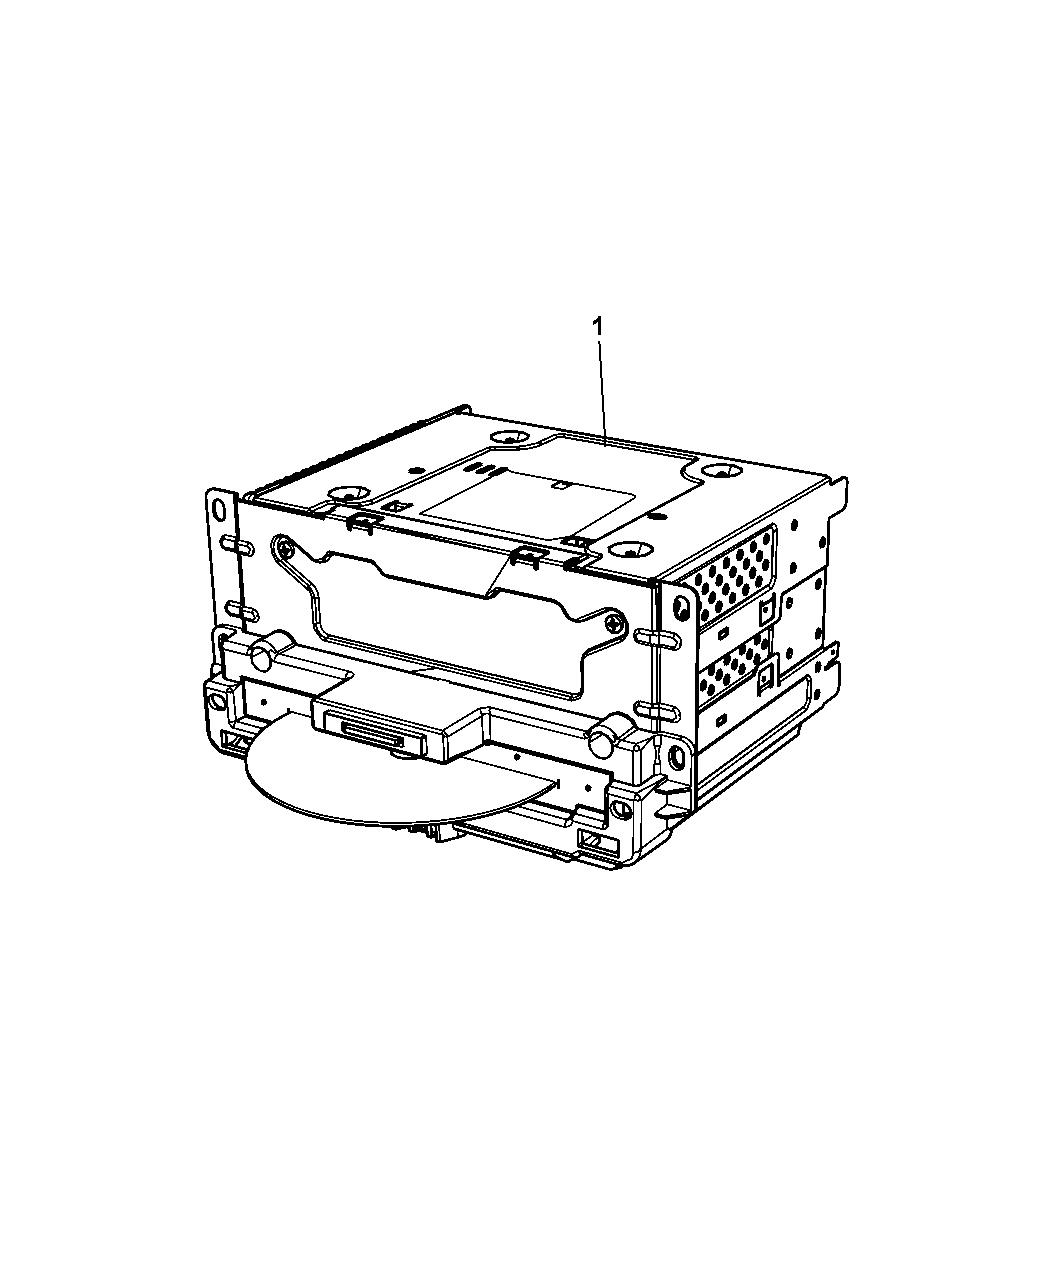 2013 Dodge Journey Radios - Mopar Parts Giant